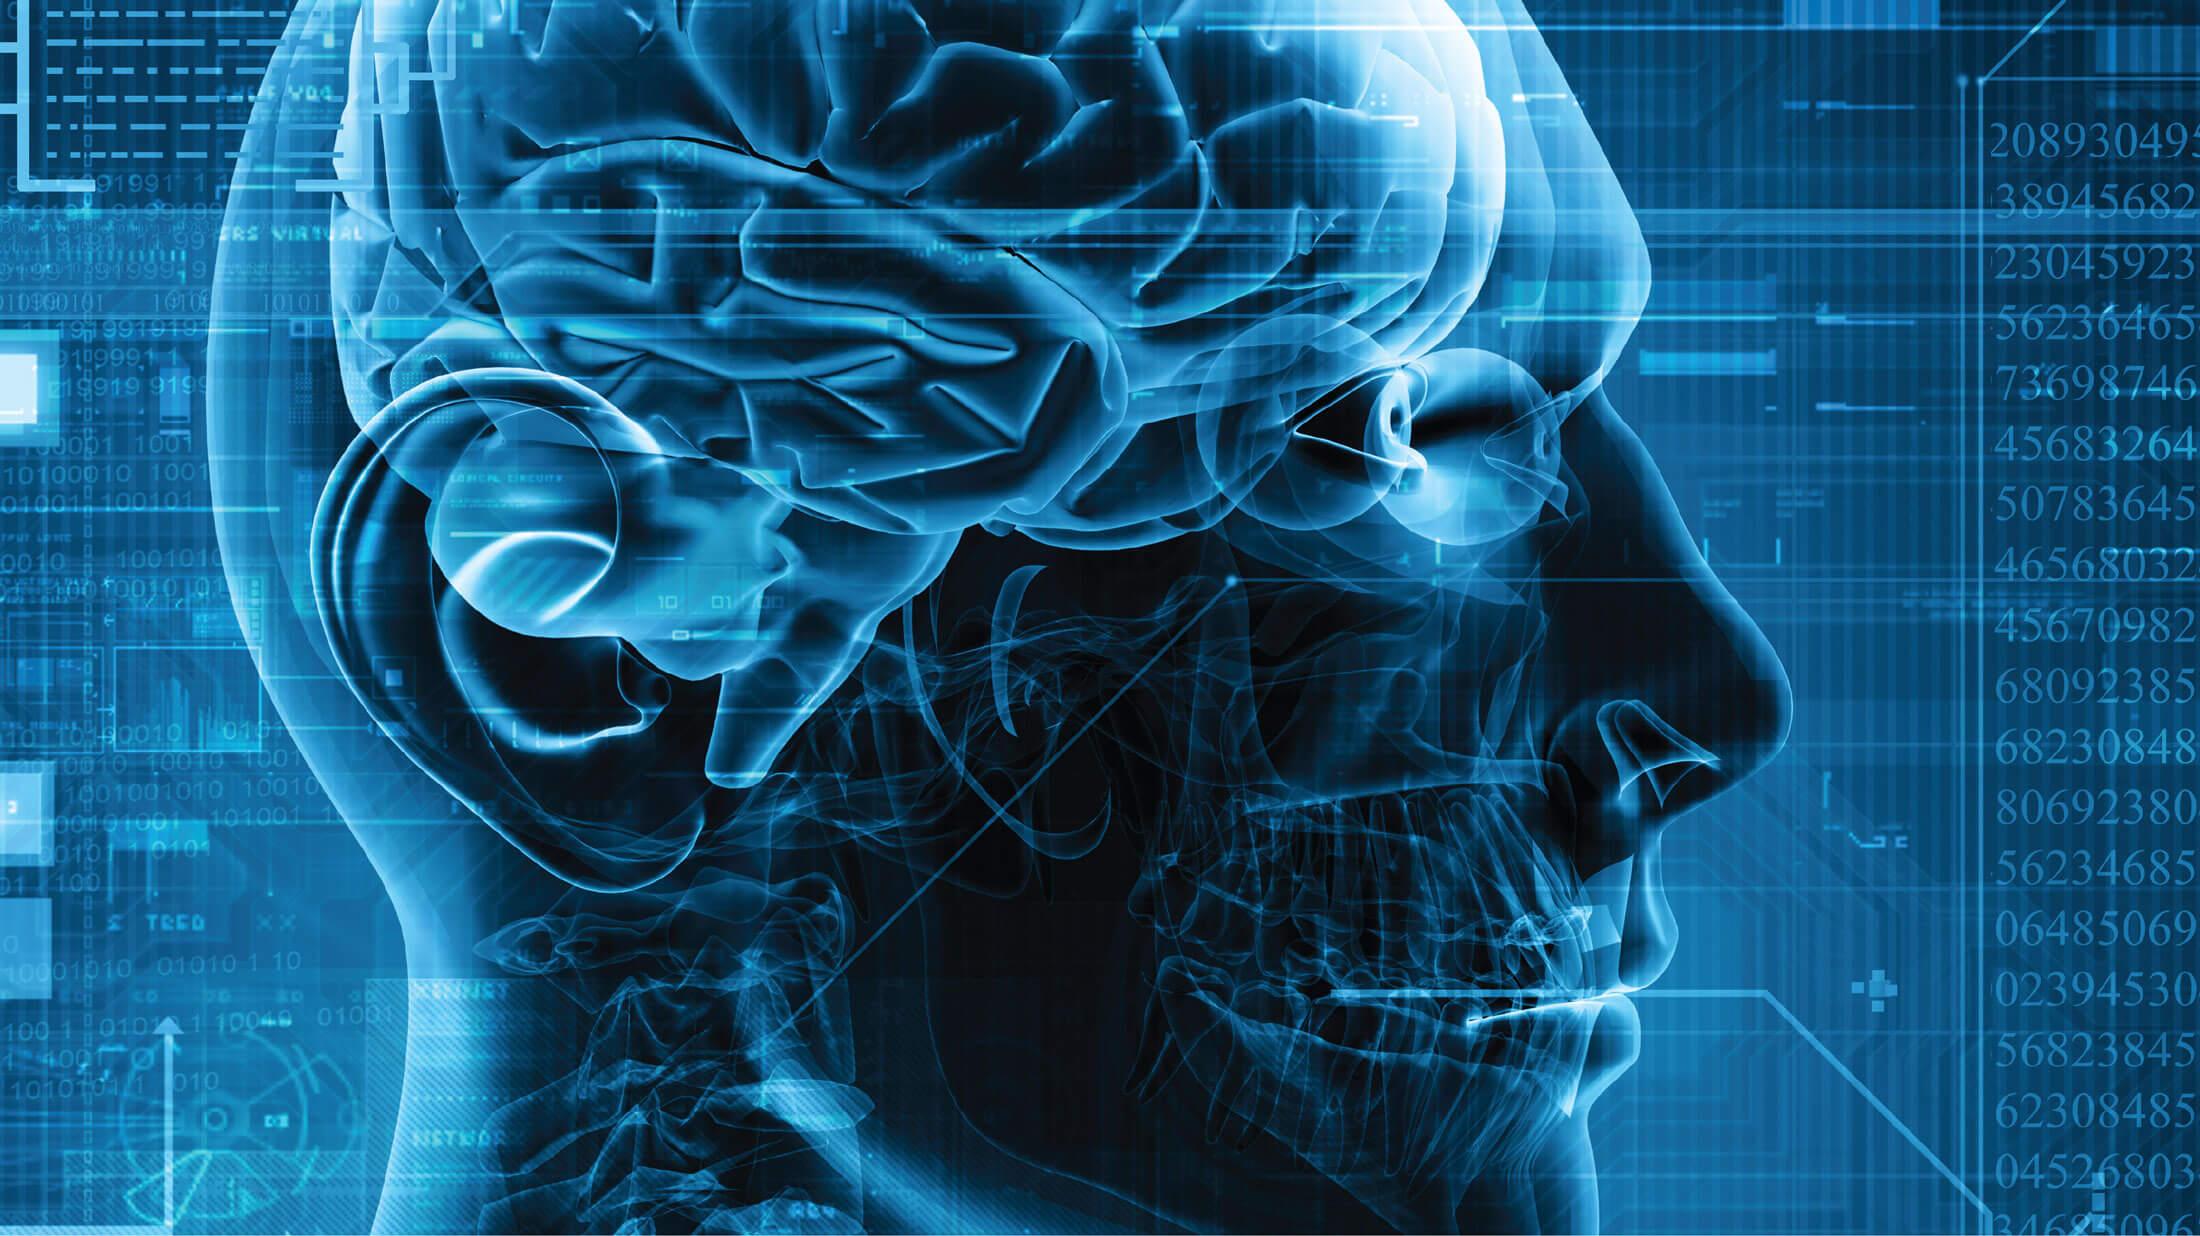 Ραντεβού για επιζώντες εγκεφαλικού επεισοδίου